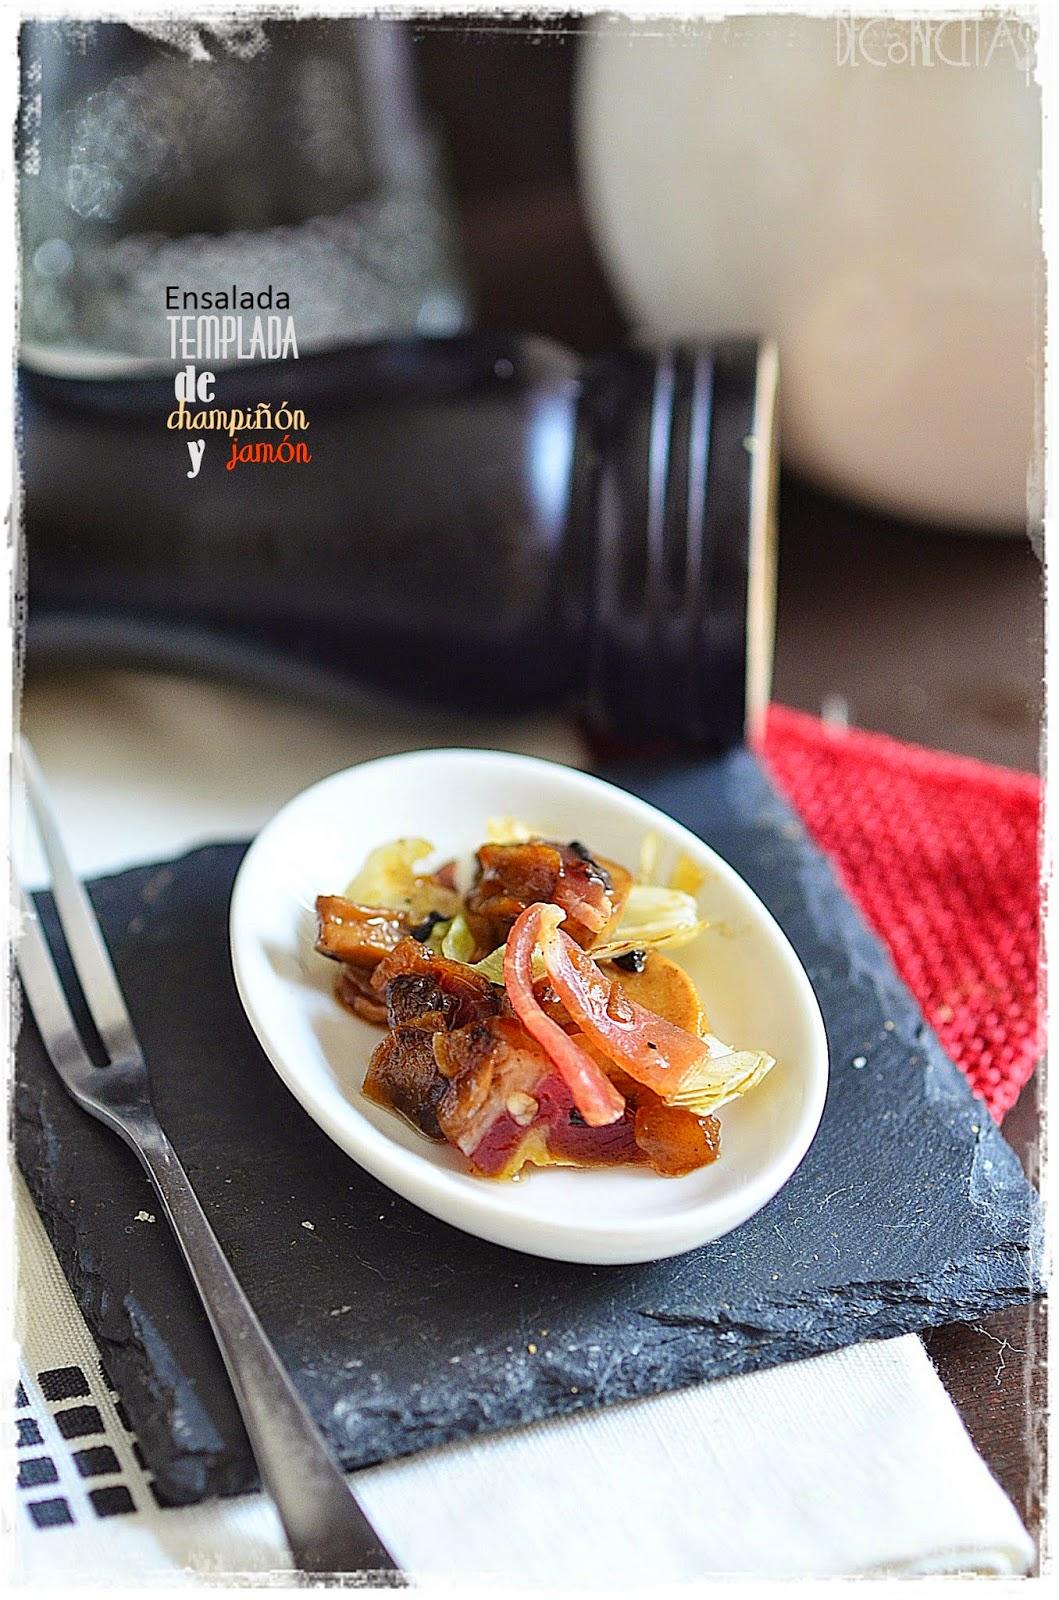 Ensalada templada de champiñón y jamón